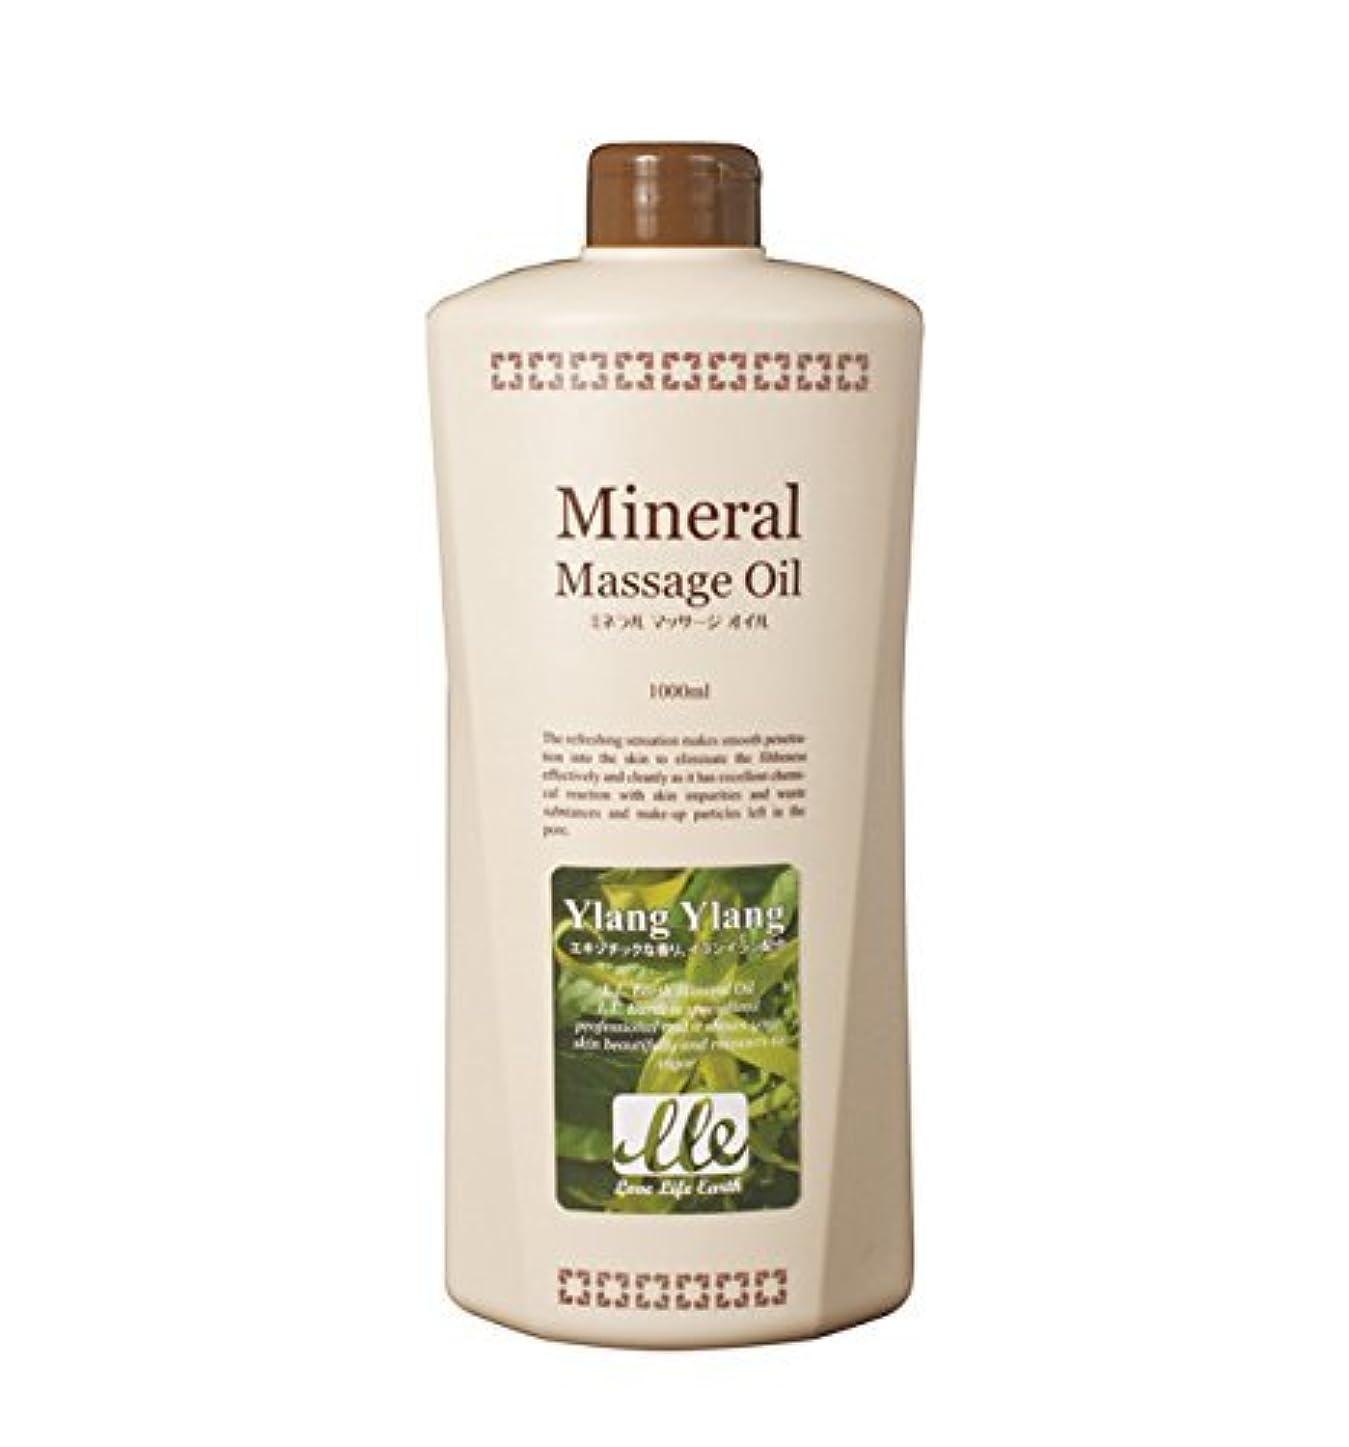 対処地理物思いにふけるLLE 業務用 ミネラル マッサージオイル [香り5種] (ボディ用) イランイラン1L